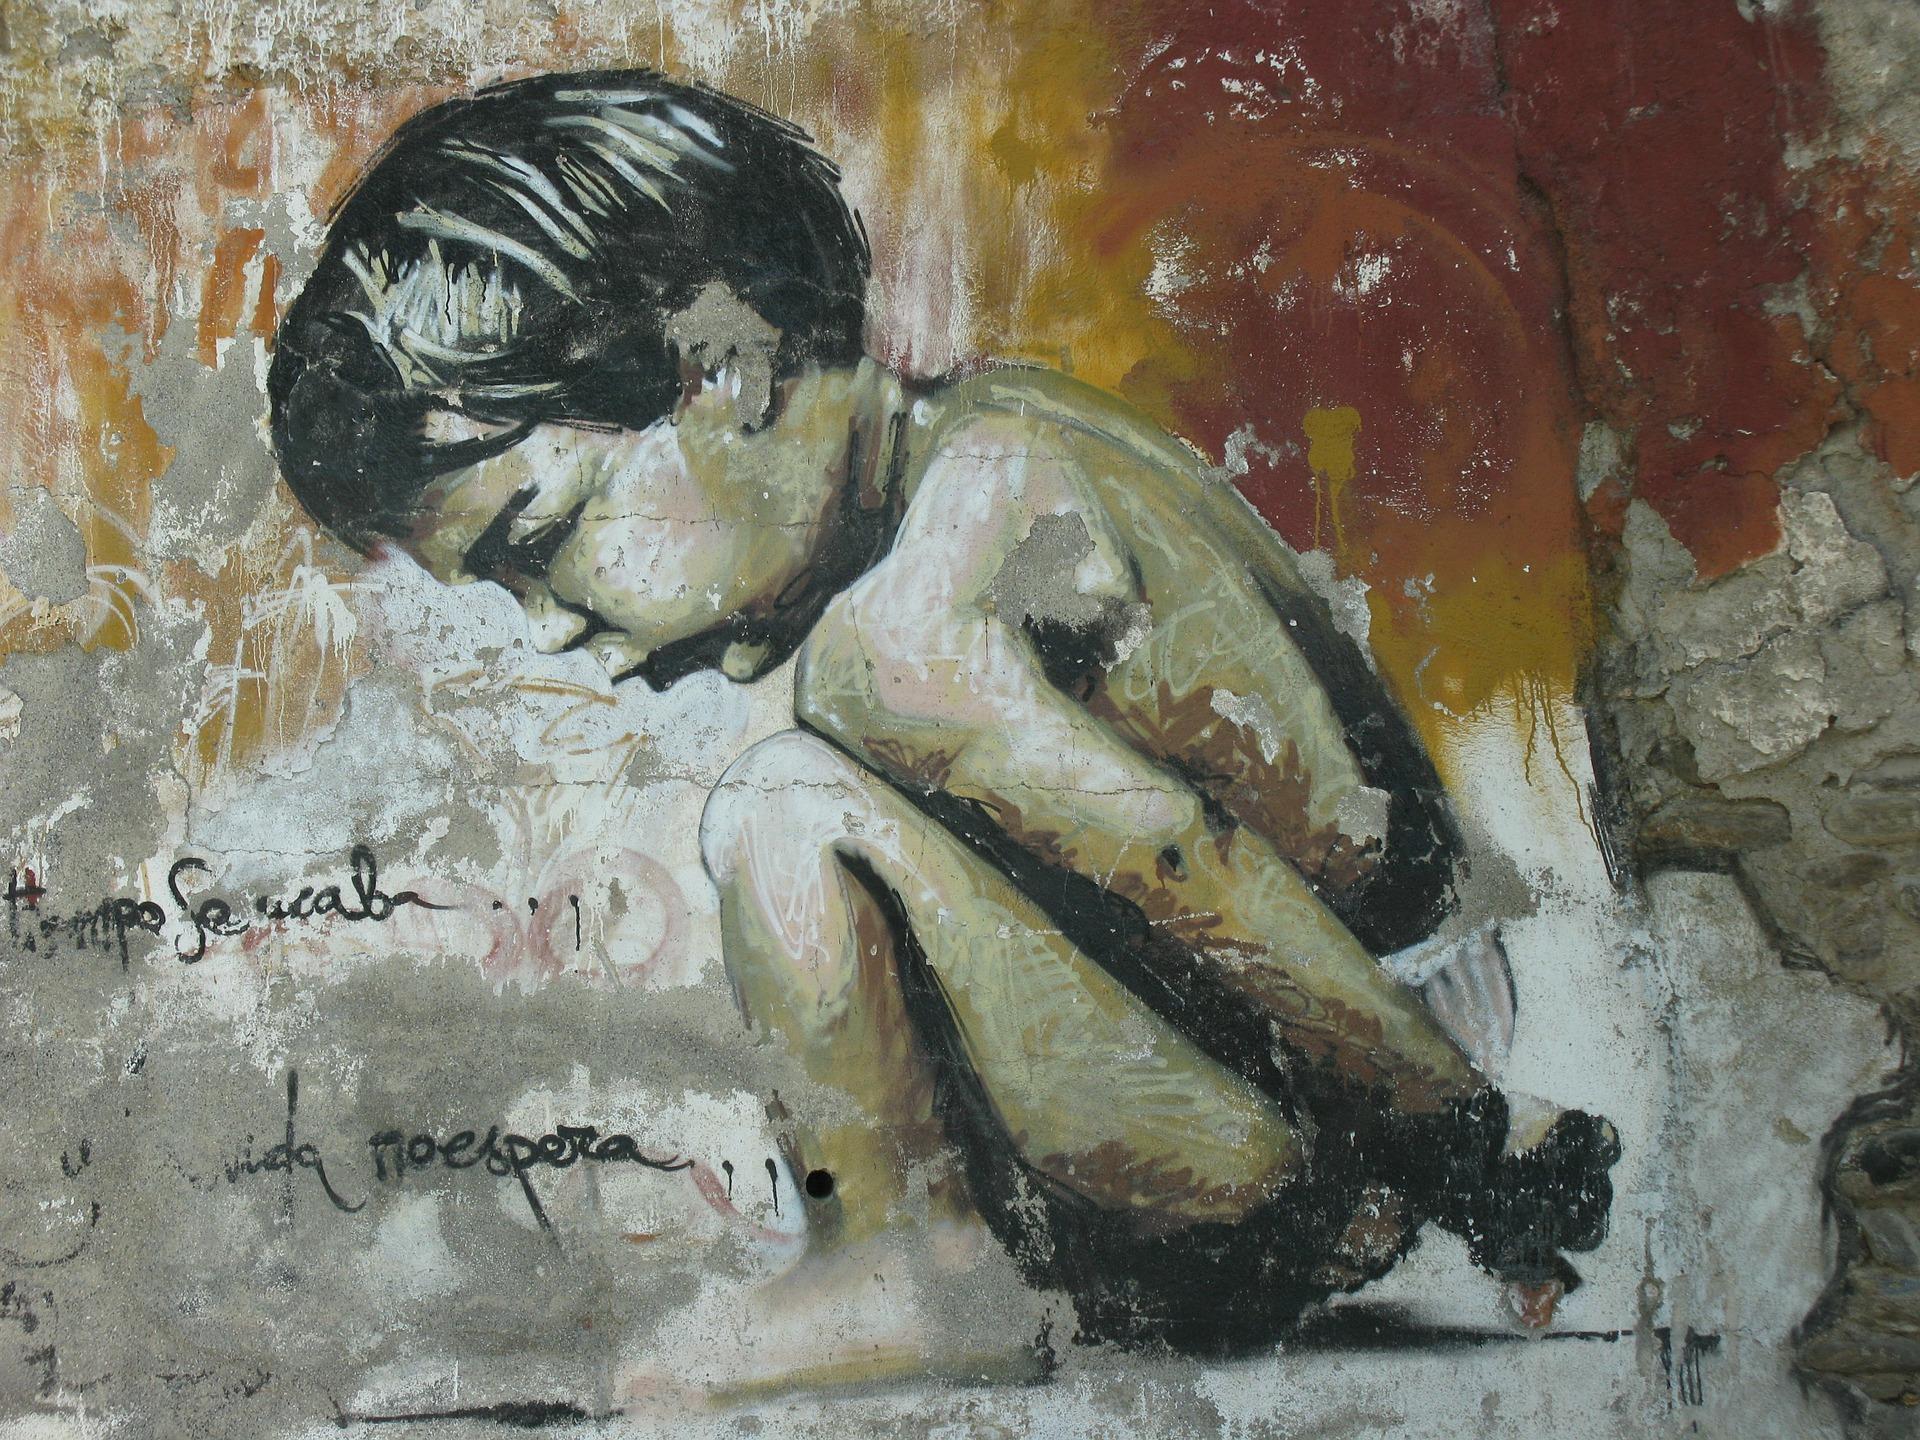 graffiti-8051_1920